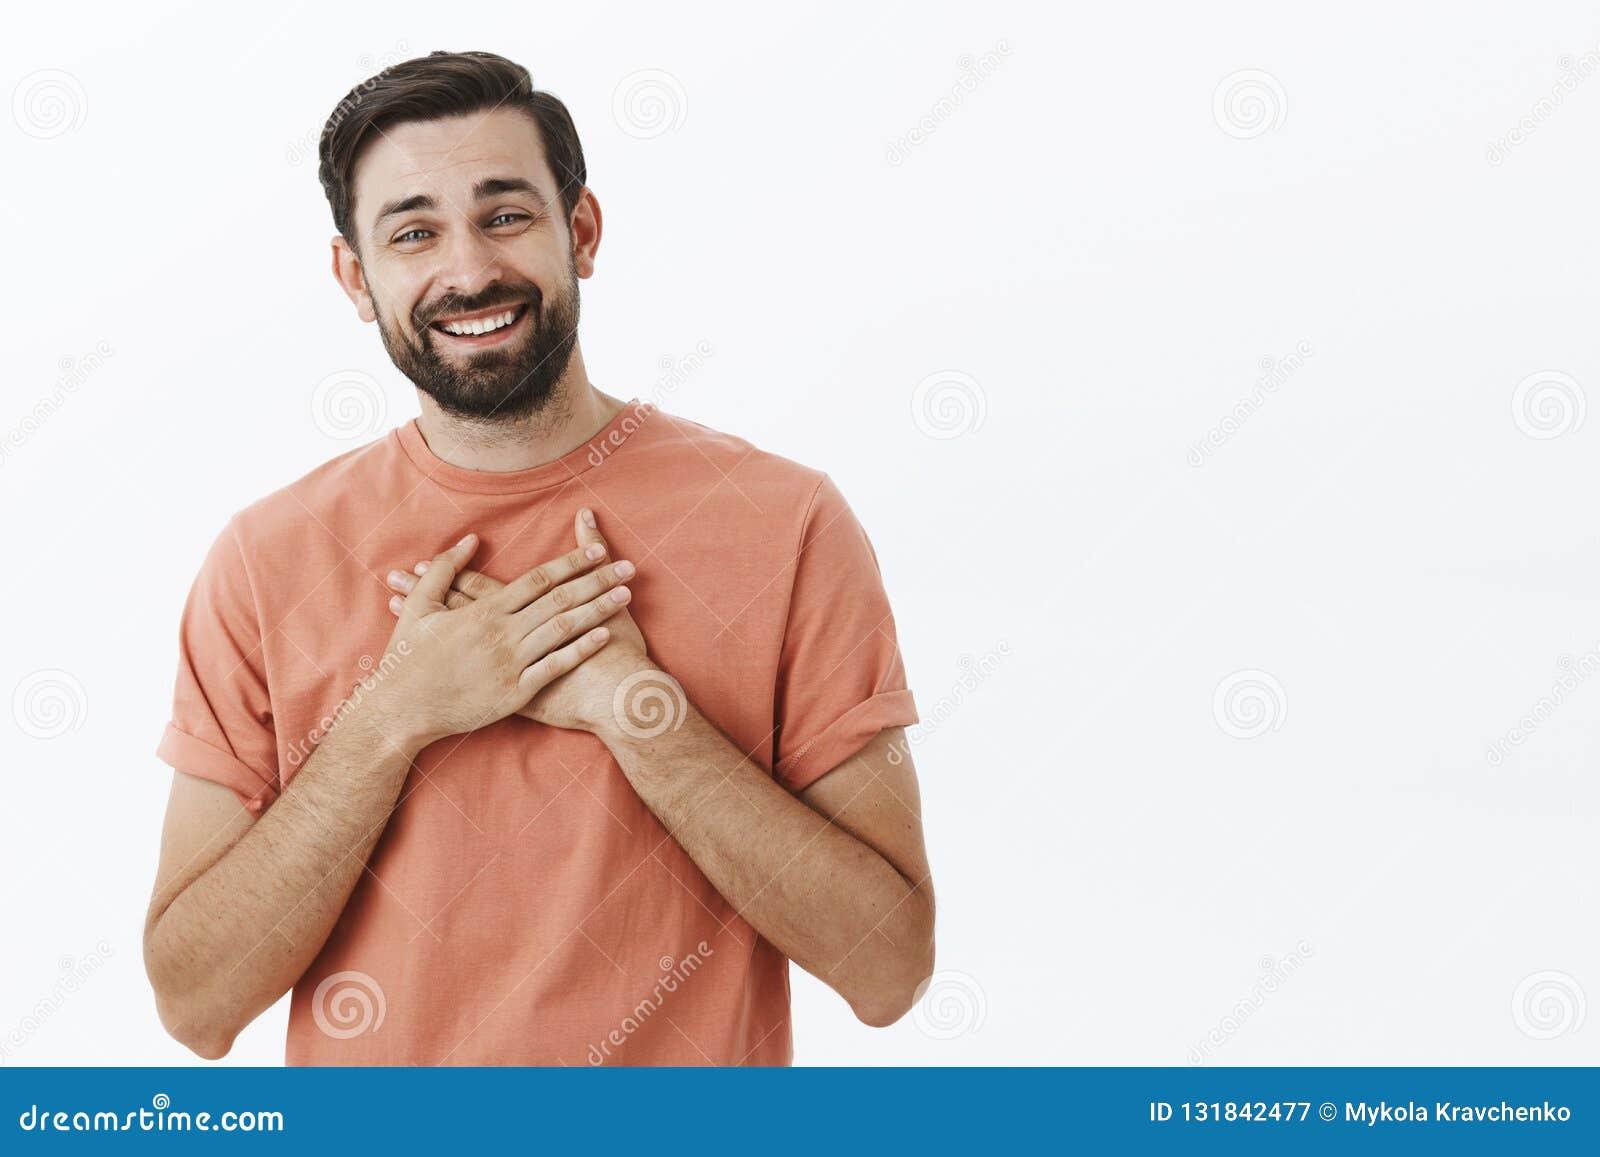 Ευτυχές ευχαριστημένο και ευγνώμον ενήλικο ευρωπαϊκό άτομο με τη γενειάδα στους ρόδινους φοίνικες εκμετάλλευσης μπλουζών στην καρ